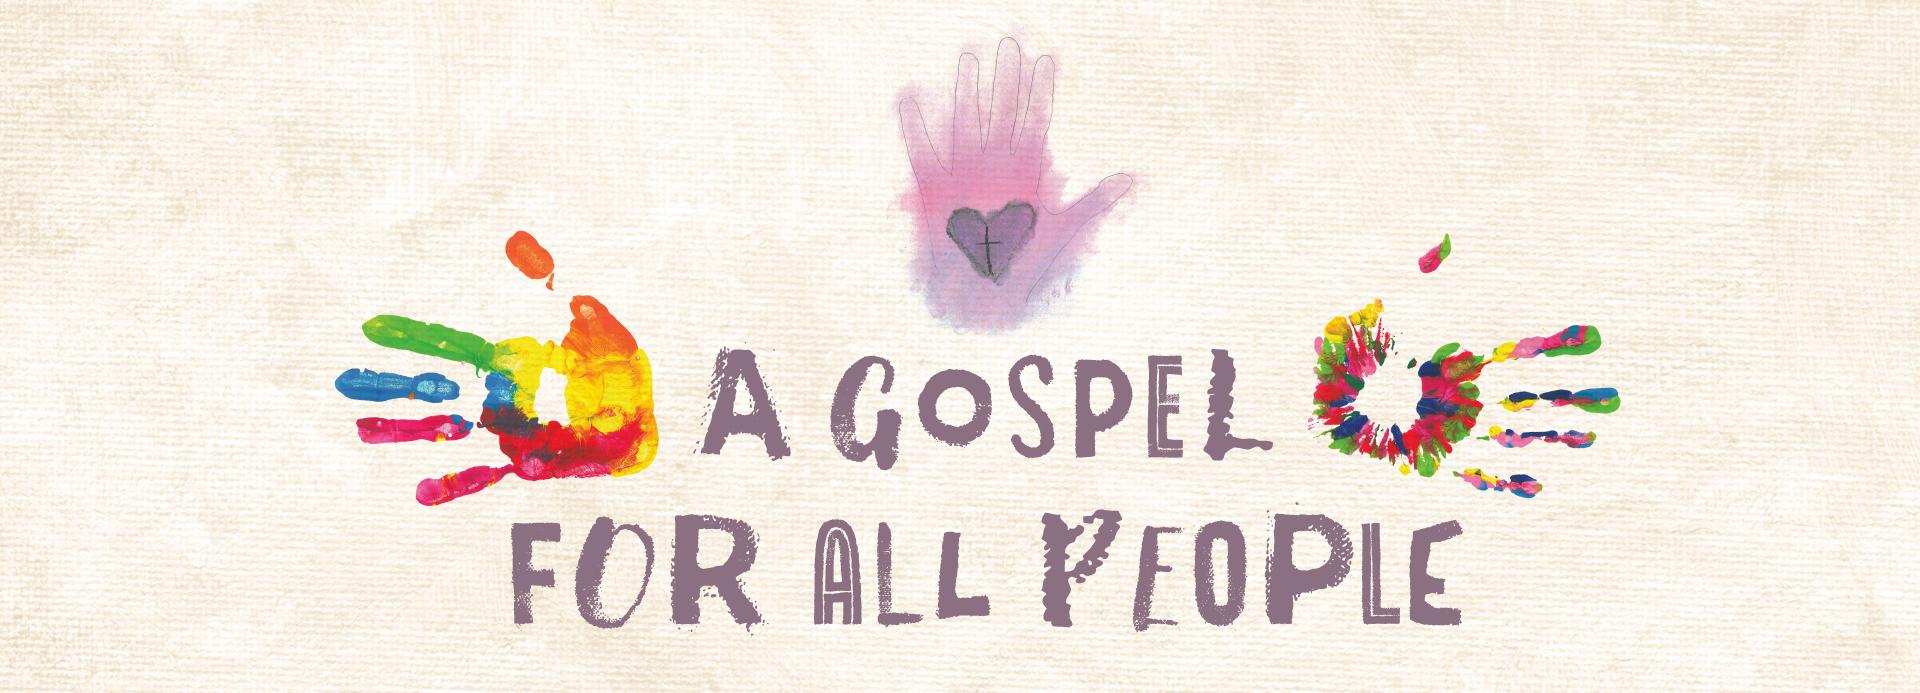 Gospel-App-Banner.jpg